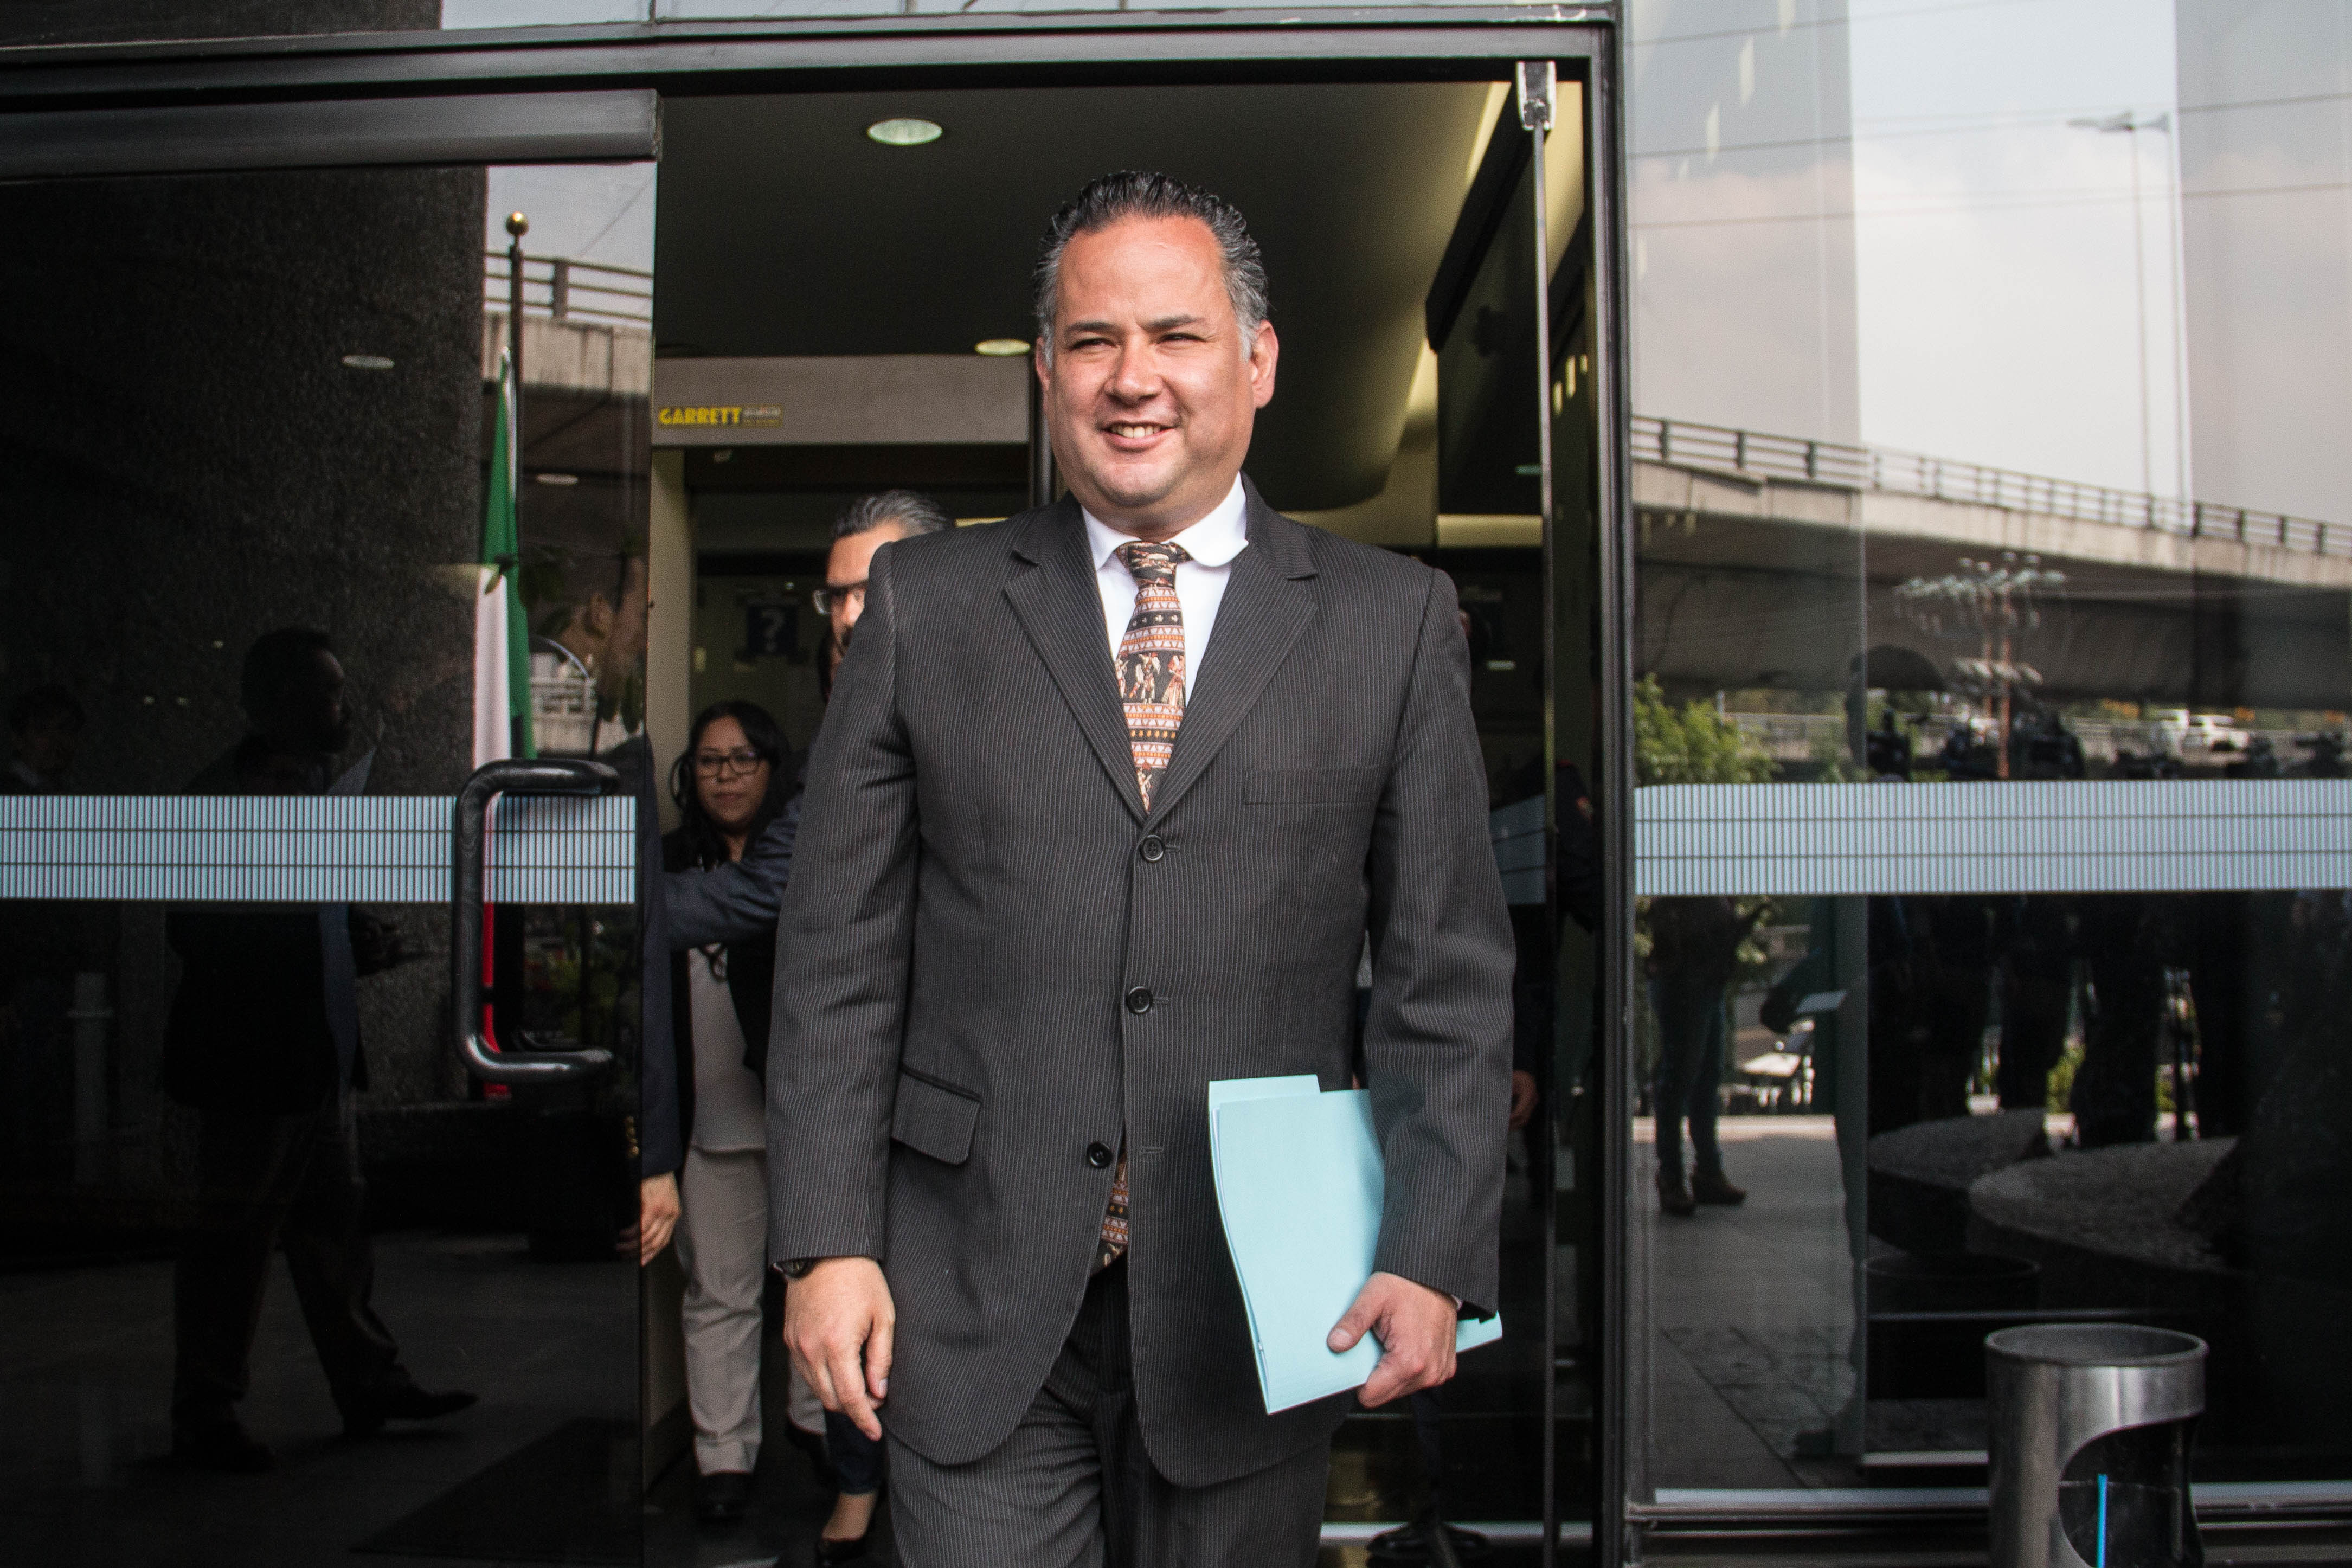 CIUDAD DE MÉXICO, 15MARZO2019.- Santiago Nieto Castillo, titular de la Unidad de Inteligencia Financiera, acudió a la FEPADE a interponer denuncia.FOTO: ANDREA MURCIA / CUARTOSCURO.COM